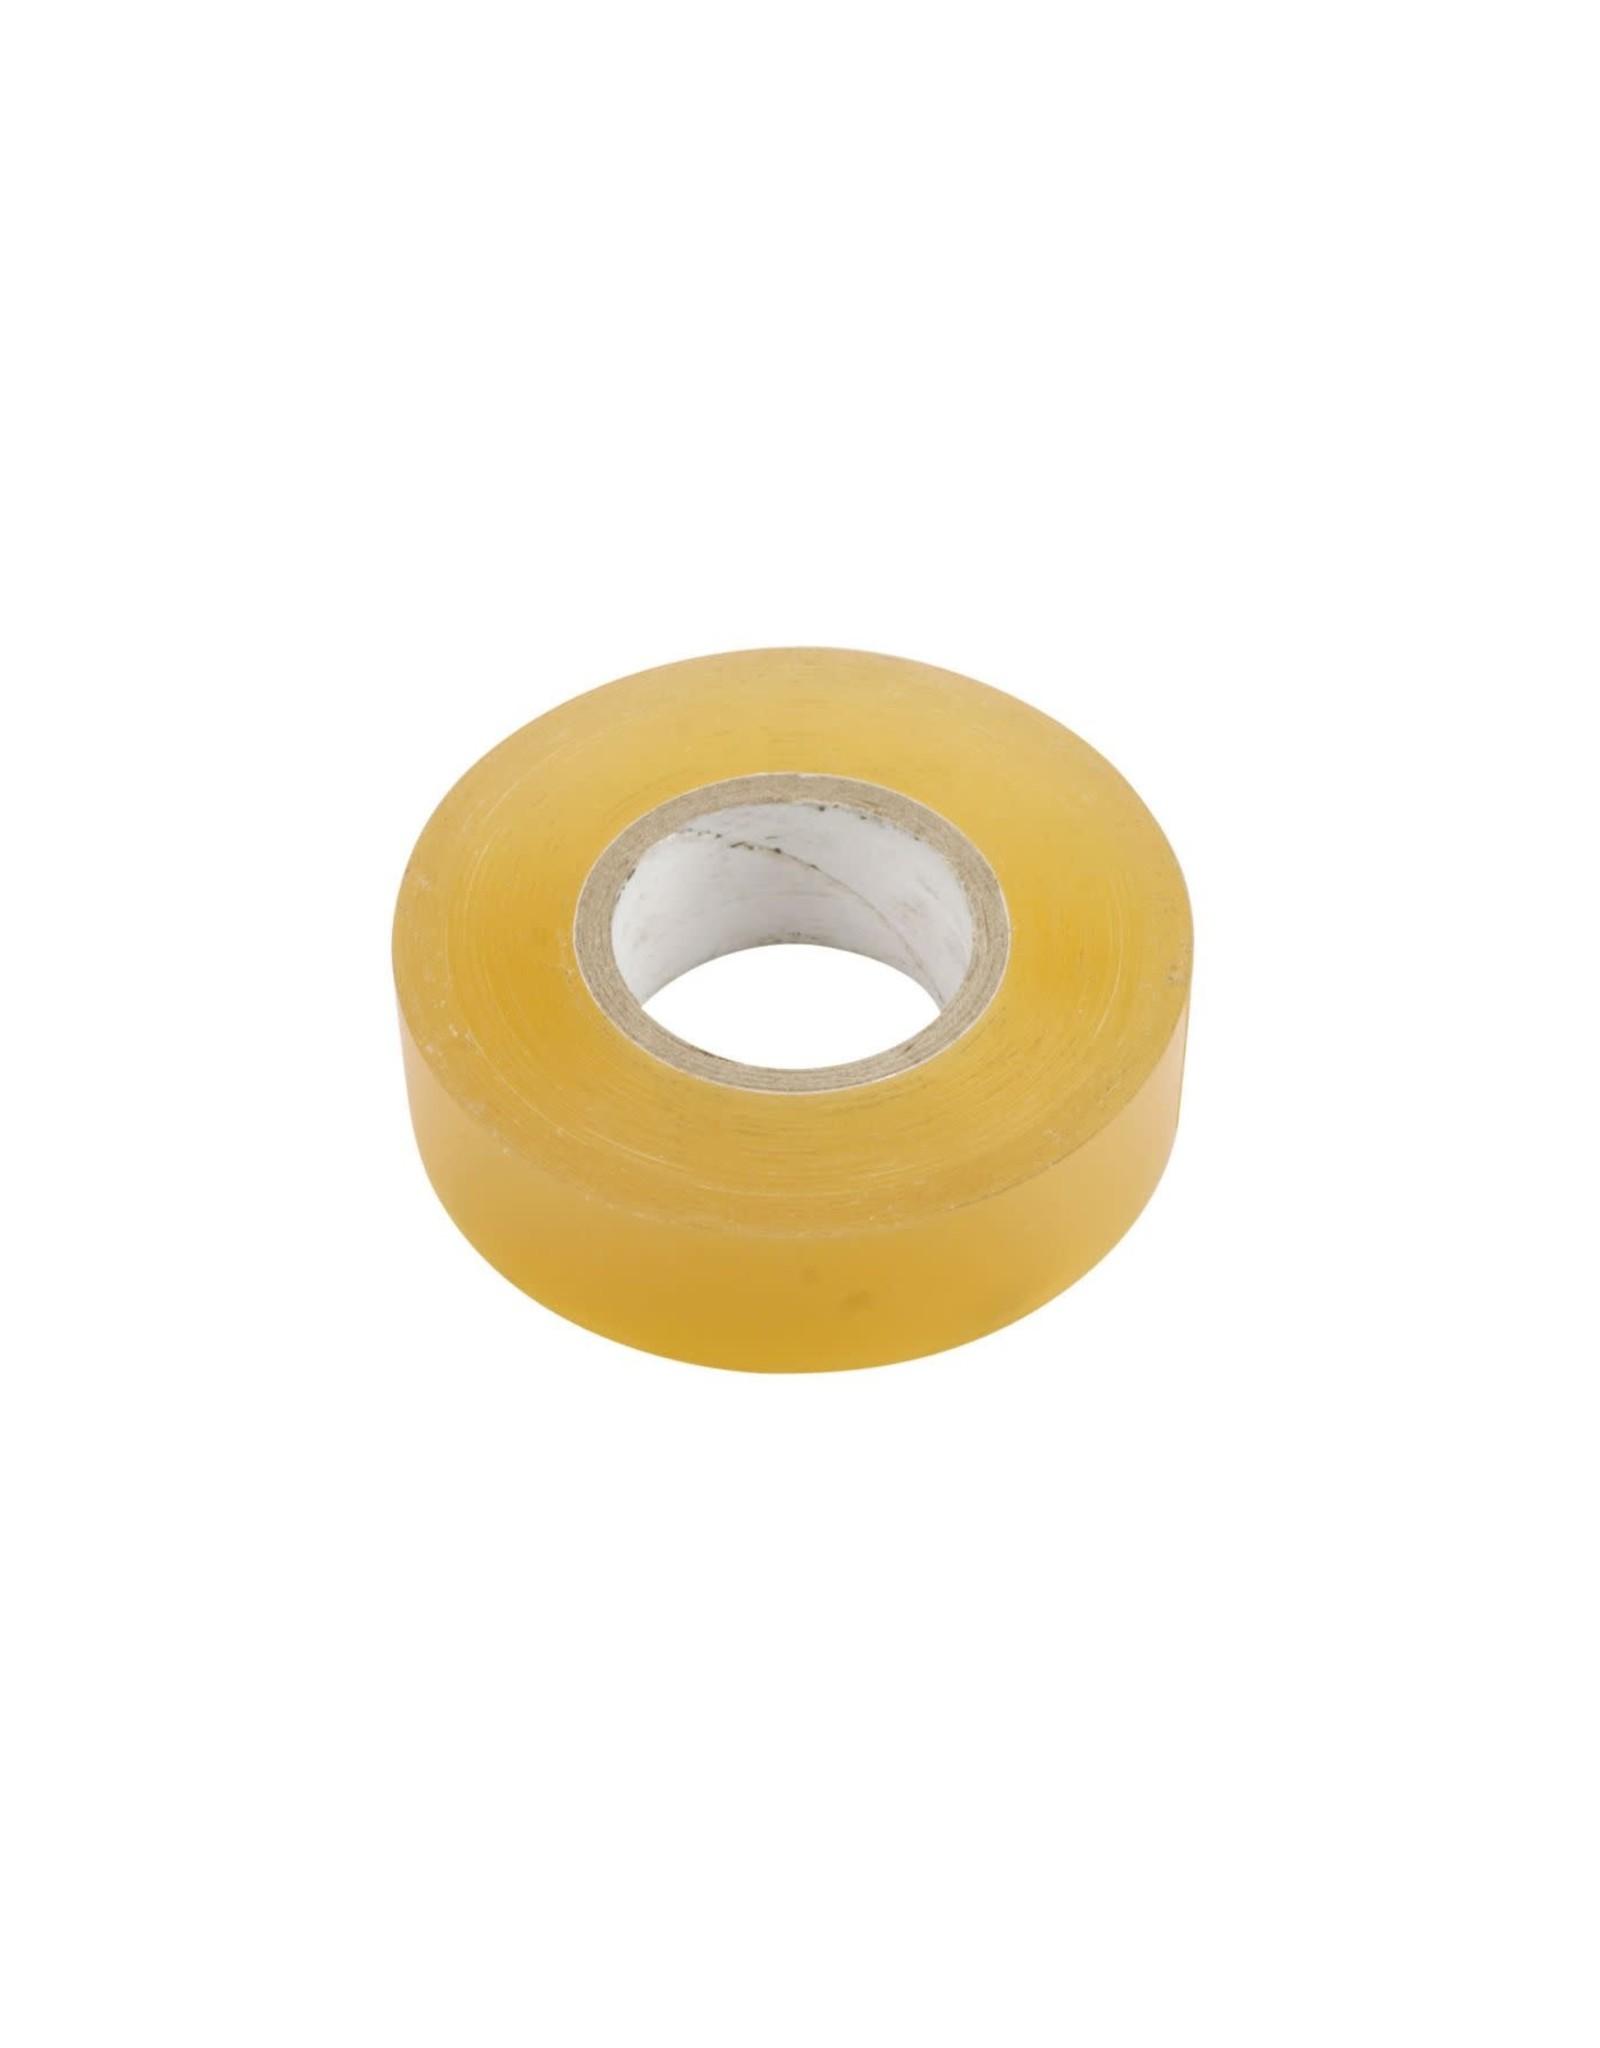 Dynamite Marine Tape Clear Flex (18m) DYNM0102